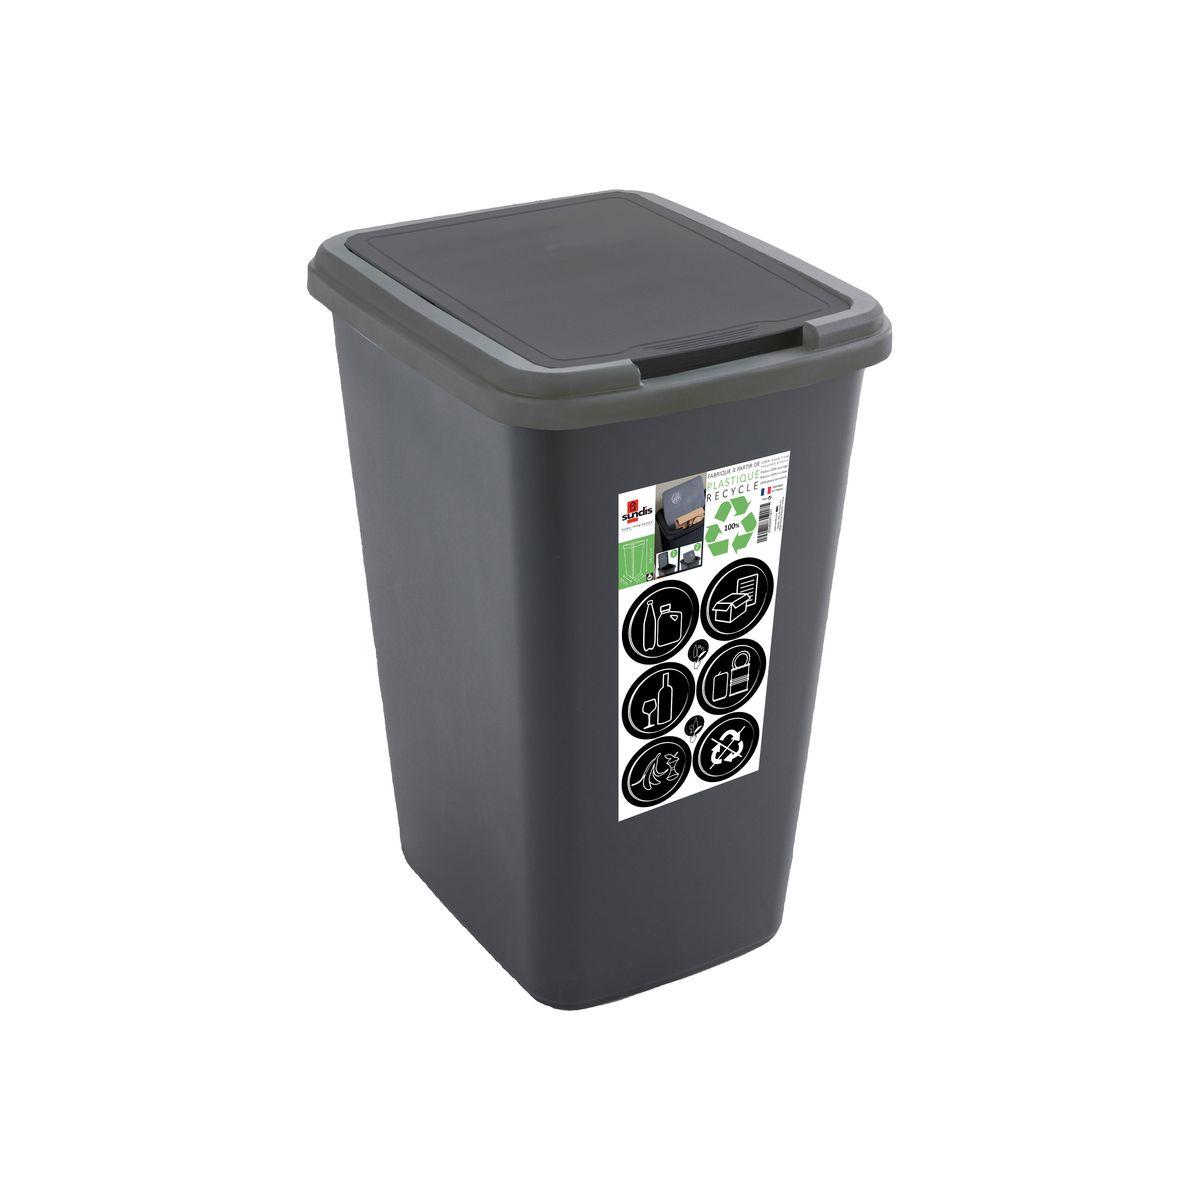 Poubelle en plastique recyclé 50L - Sundis